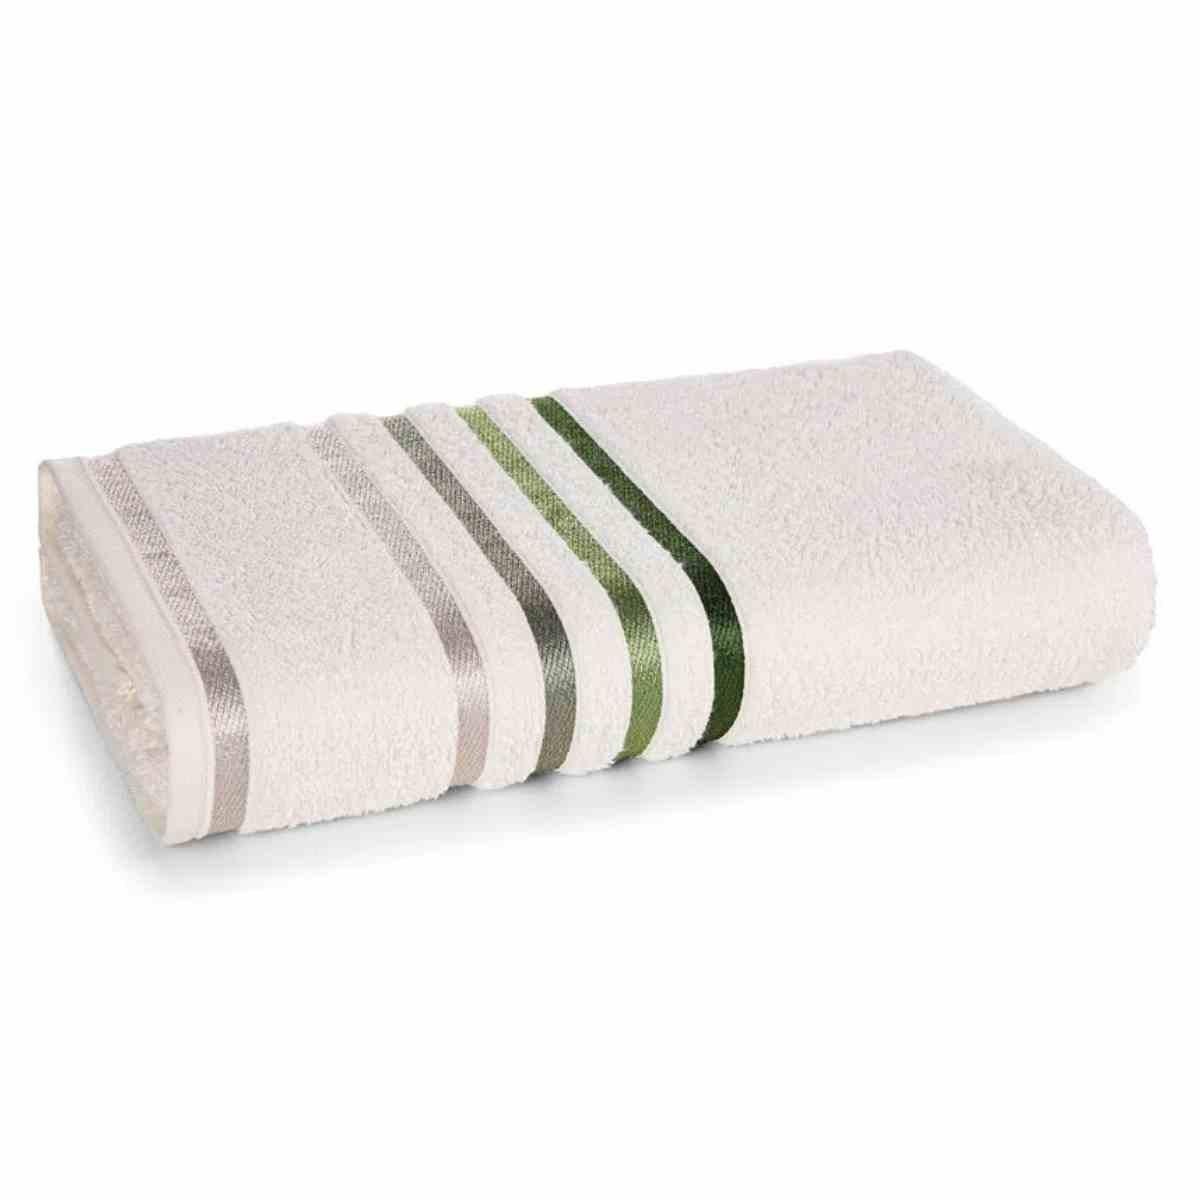 Toalha de Banho Lumina 70x140 Ivory/Verde